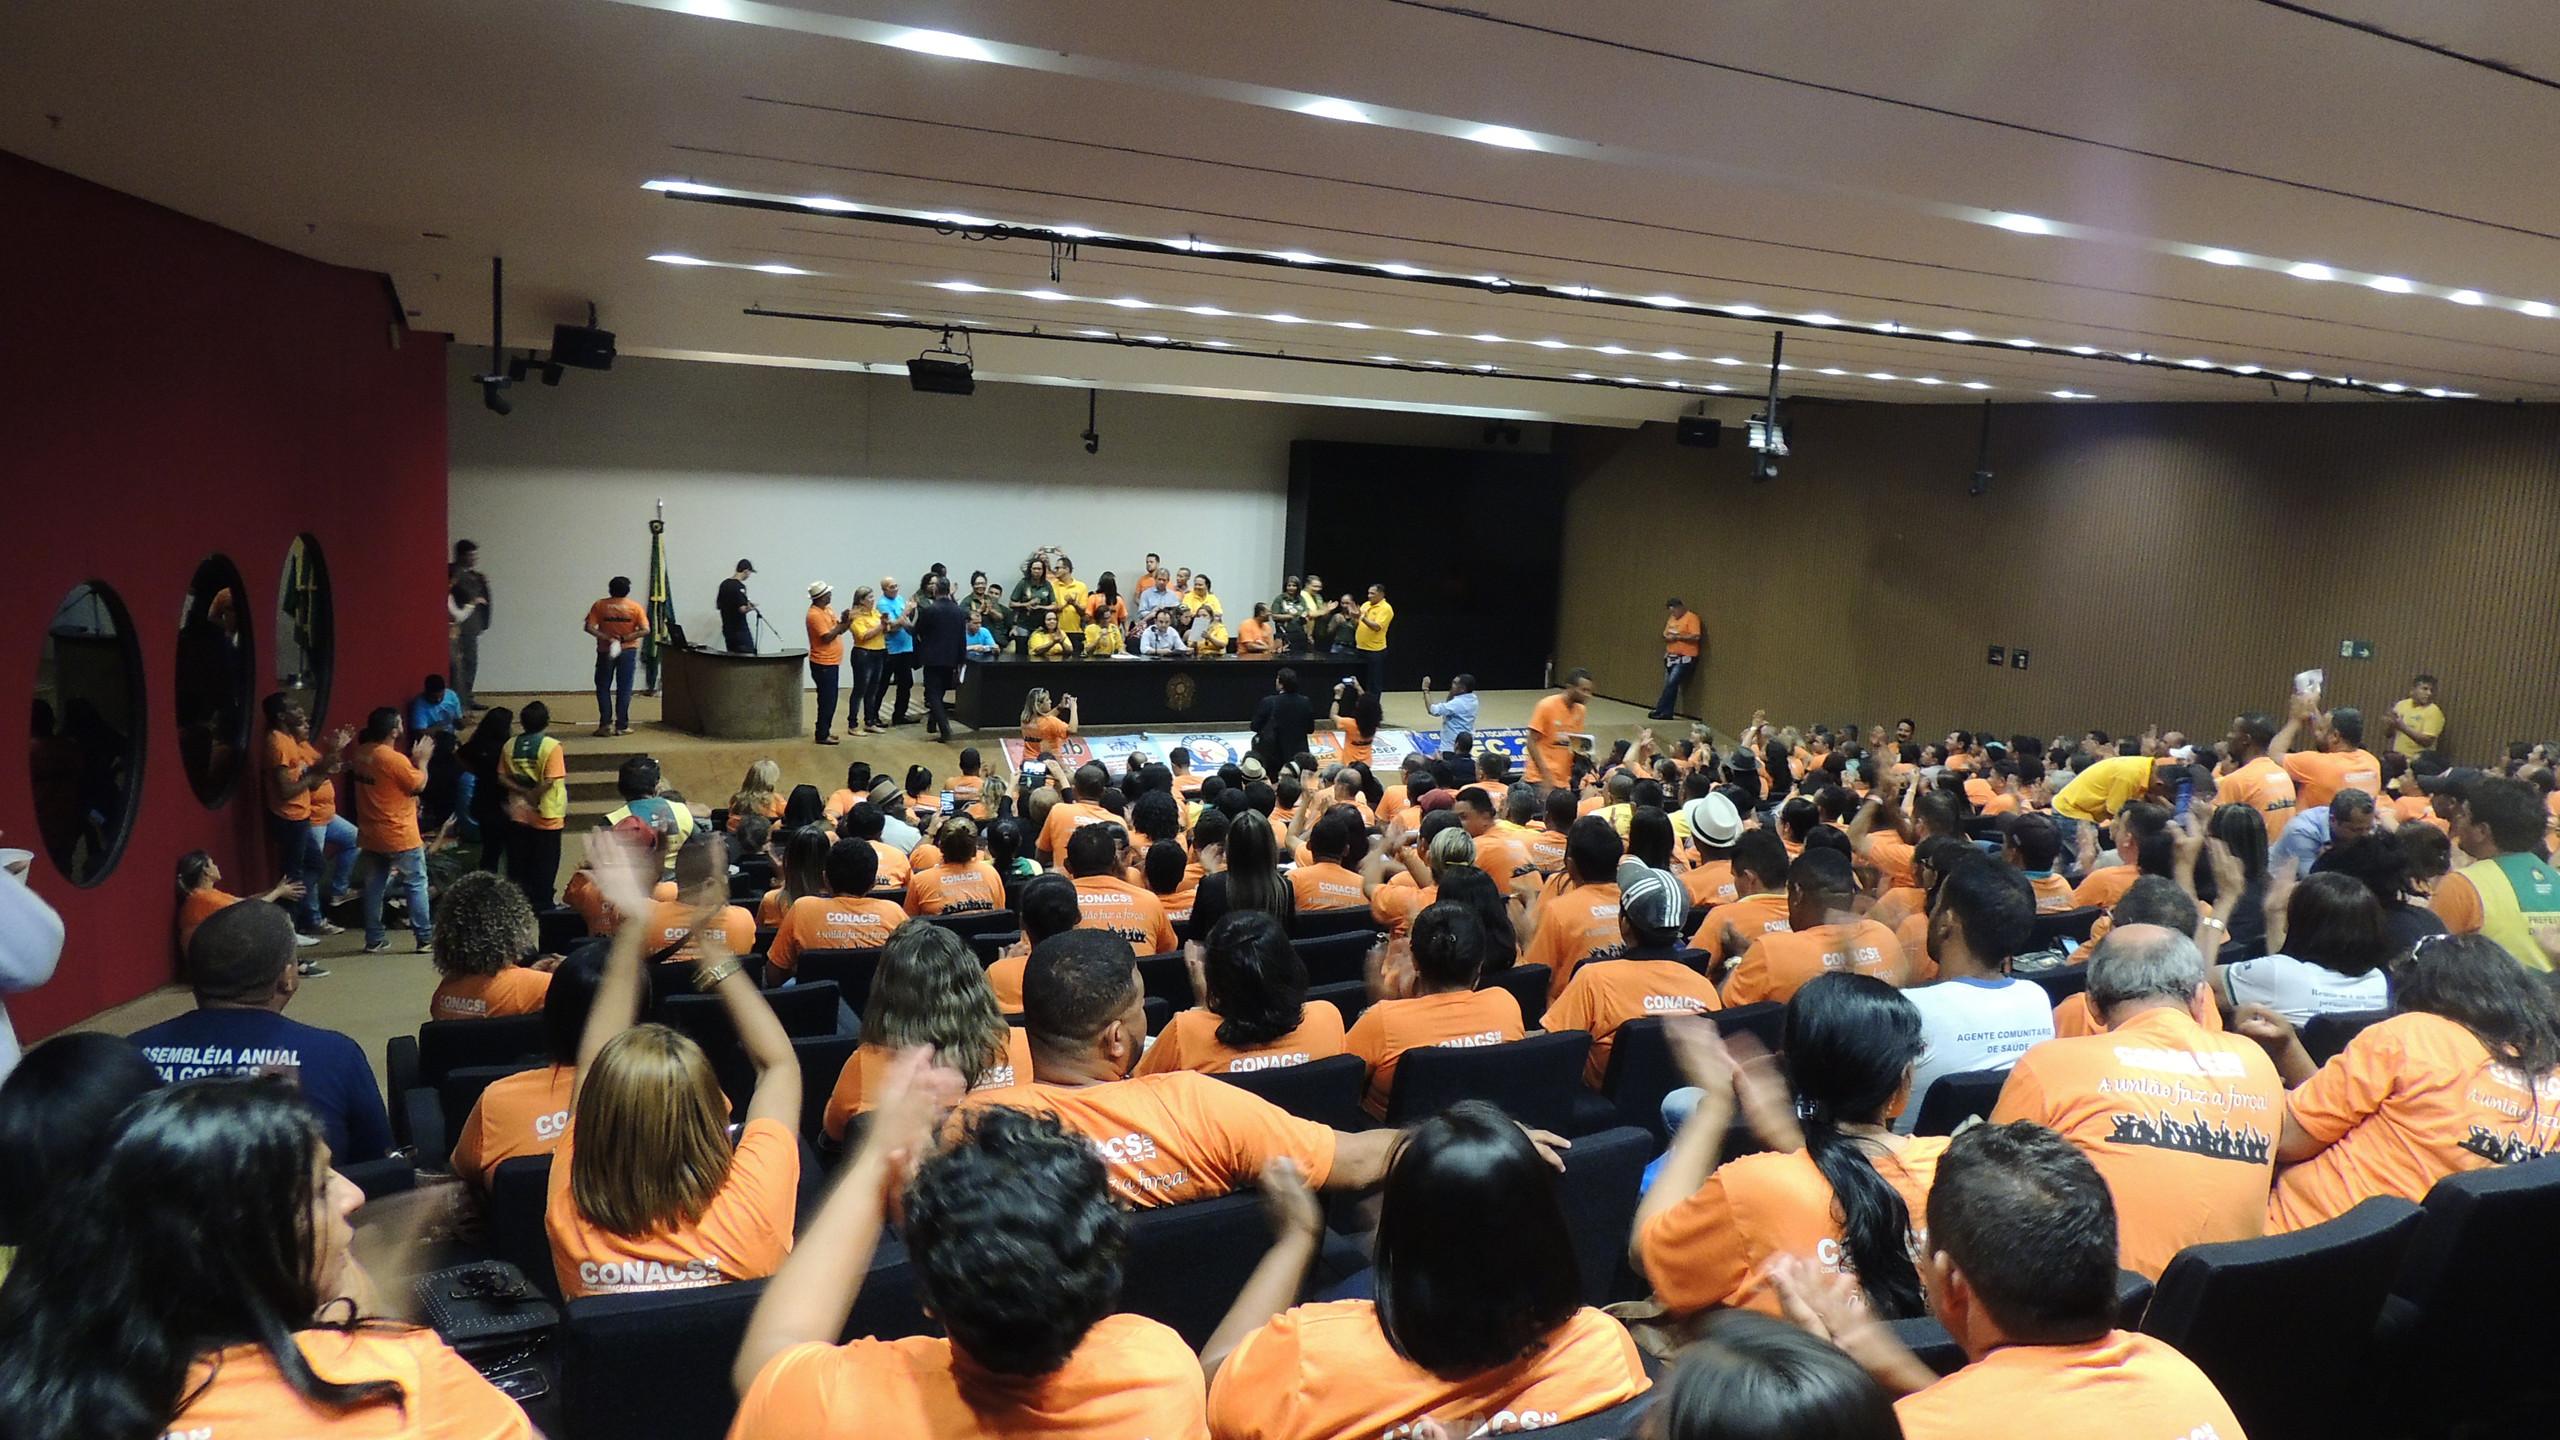 Diversos companheiros e companheiras de vários estados lotaram o Auditório Nereu Ramos. (Foto: João Paulo de Souza)